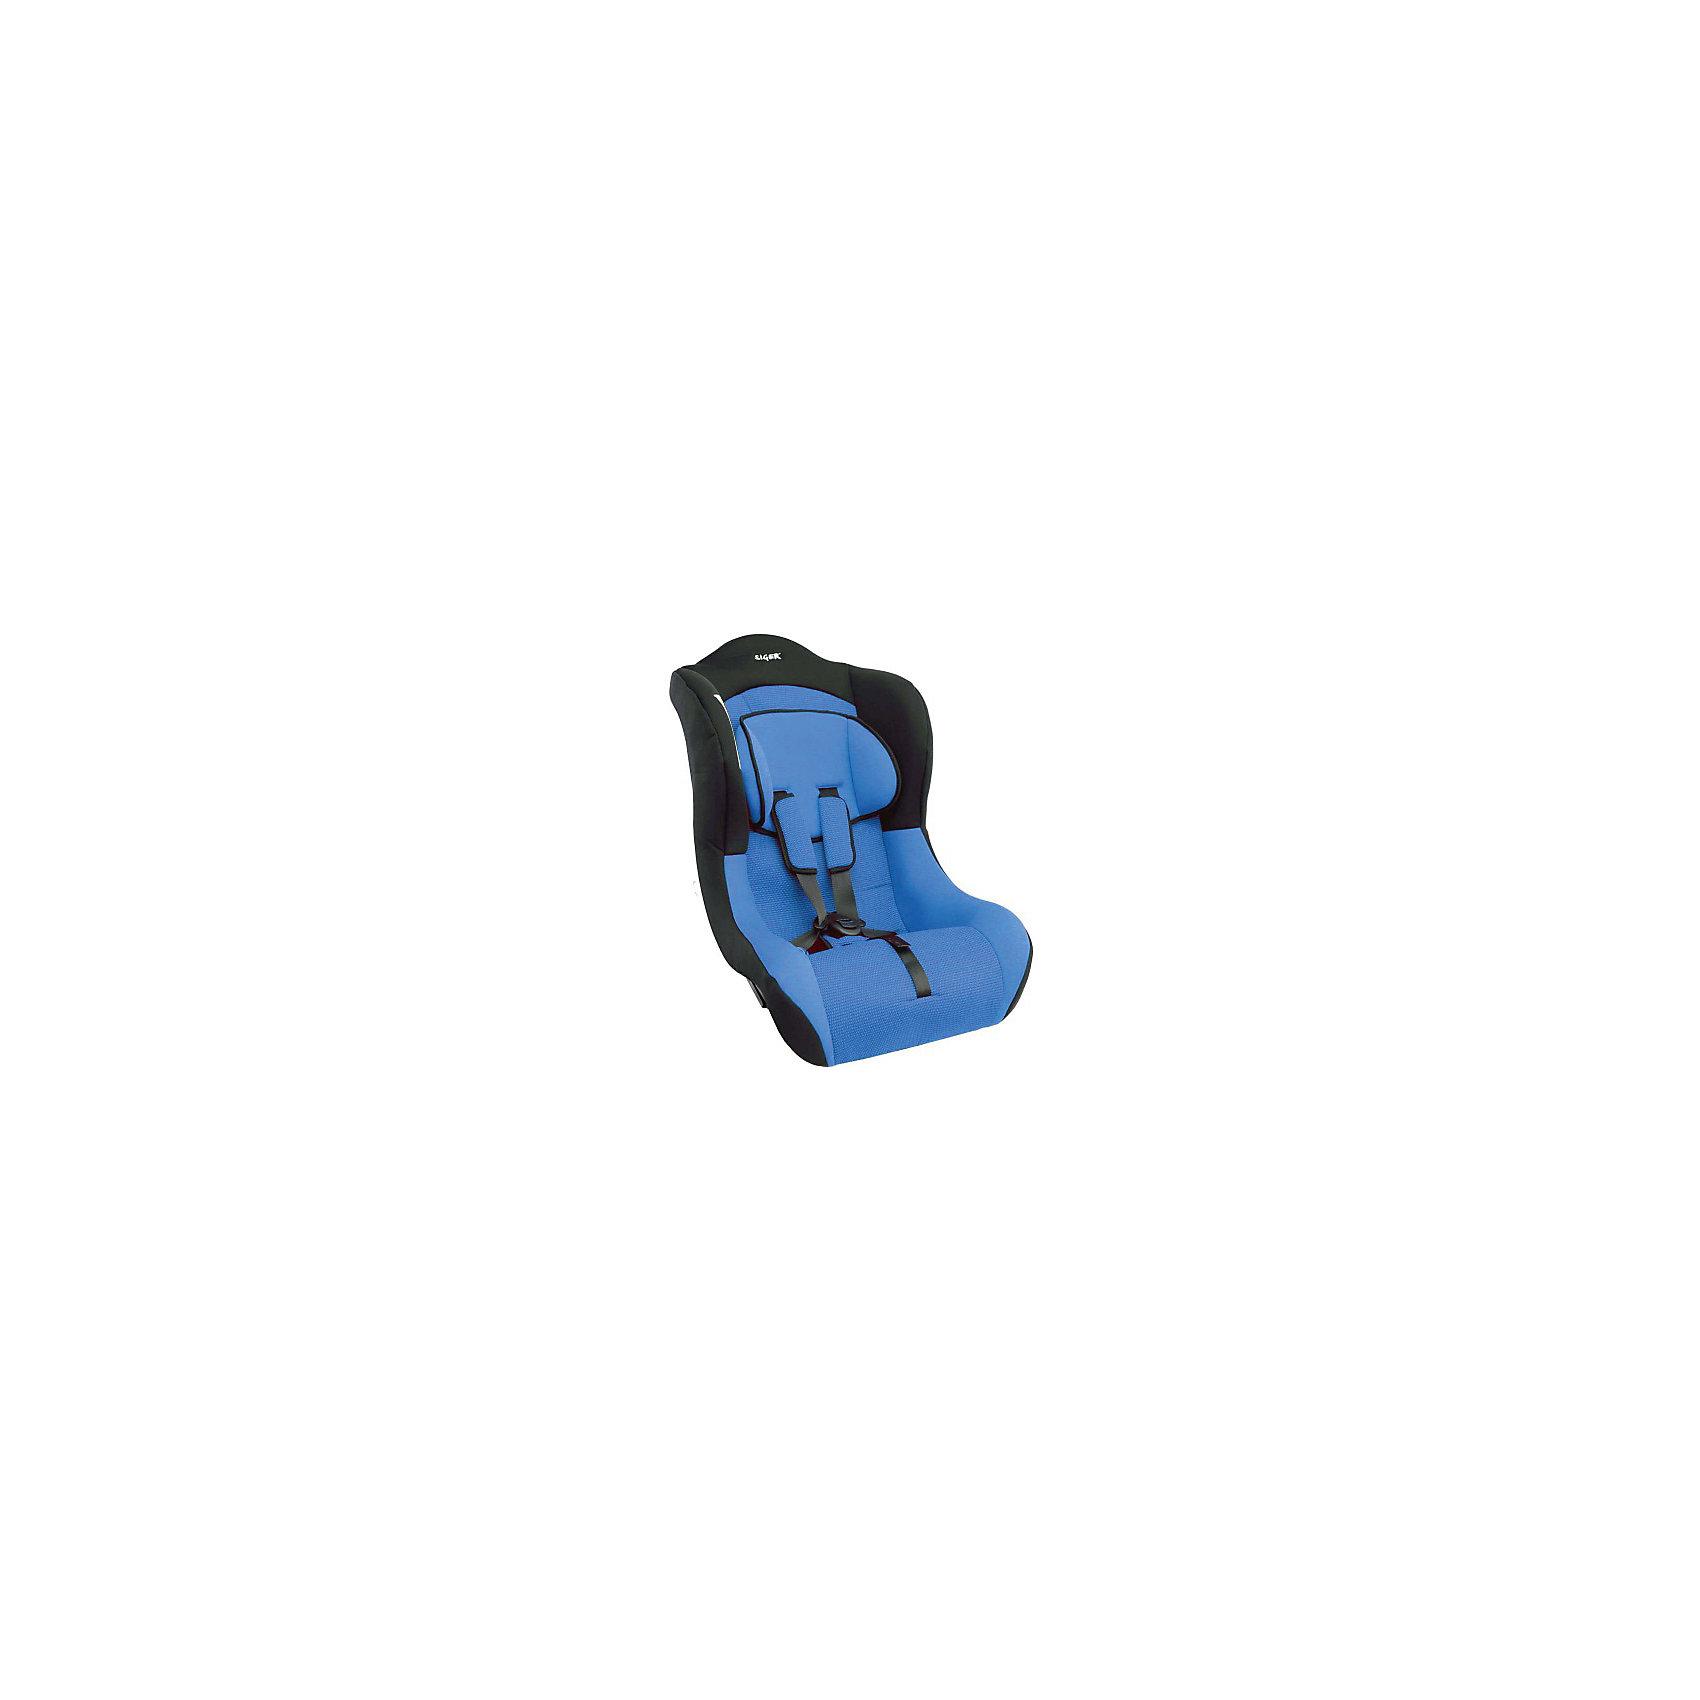 Автокресло Siger Тотем 0-18 кг, синийГруппа 0+, 1 (До 18 кг)<br>Универсальное автокресло Тотем Siger предназначено для безопасной перевозки детей в возрасте от 0 до 4-х лет. Благодаря мягкому подголовнику с выраженной поддержкой голова малыша надежно защищена с трех сторон. Автокресло оборудовано регулирующимися ремнями безопасности, а также фиксирующимися замками, которые обеспечивают прочность пристегивания.<br><br>Дополнительная информация:<br><br>- Материал: текстиль, пластик, металл.<br>- Размер: 60х45х65 см<br>- Возраст: от 0 до 3-4 лет<br>- Группа: 1 (0-18 кг)<br>- Вес кресла: 3.7 кг<br>- Внутренние ремни безопасности<br>- Регулировка ремней по высоте: в 4 положениях<br>- Регулировка ремней по глубине: в 2 положениях<br><br>Автокресло Тотем 0-18 кг., Siger, синий можно купить в нашем интернет-магазине.<br><br>Ширина мм: 610<br>Глубина мм: 450<br>Высота мм: 645<br>Вес г: 4800<br>Возраст от месяцев: 0<br>Возраст до месяцев: 48<br>Пол: Унисекс<br>Возраст: Детский<br>SKU: 4809111